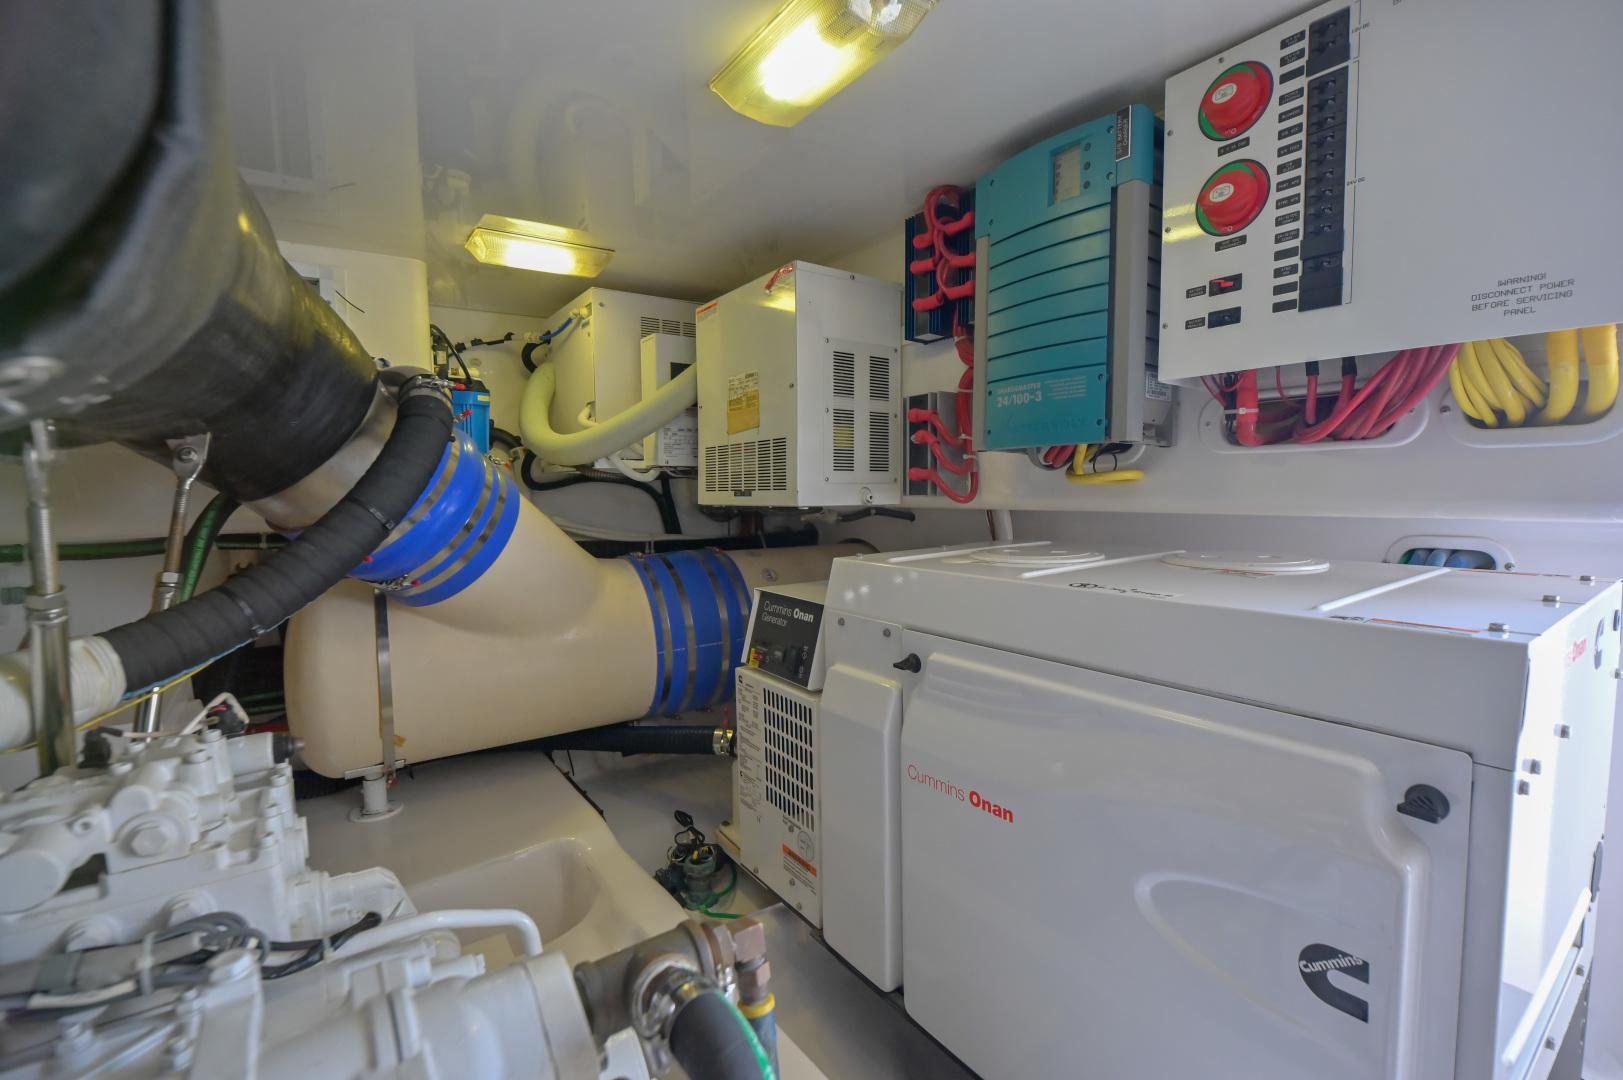 Viking-62 Convertible 2014-Mixer Playa Herradura, Los Suenos,-Costa Rica-2014 Viking 62 Convertible  Engine Room-1356262 | Thumbnail